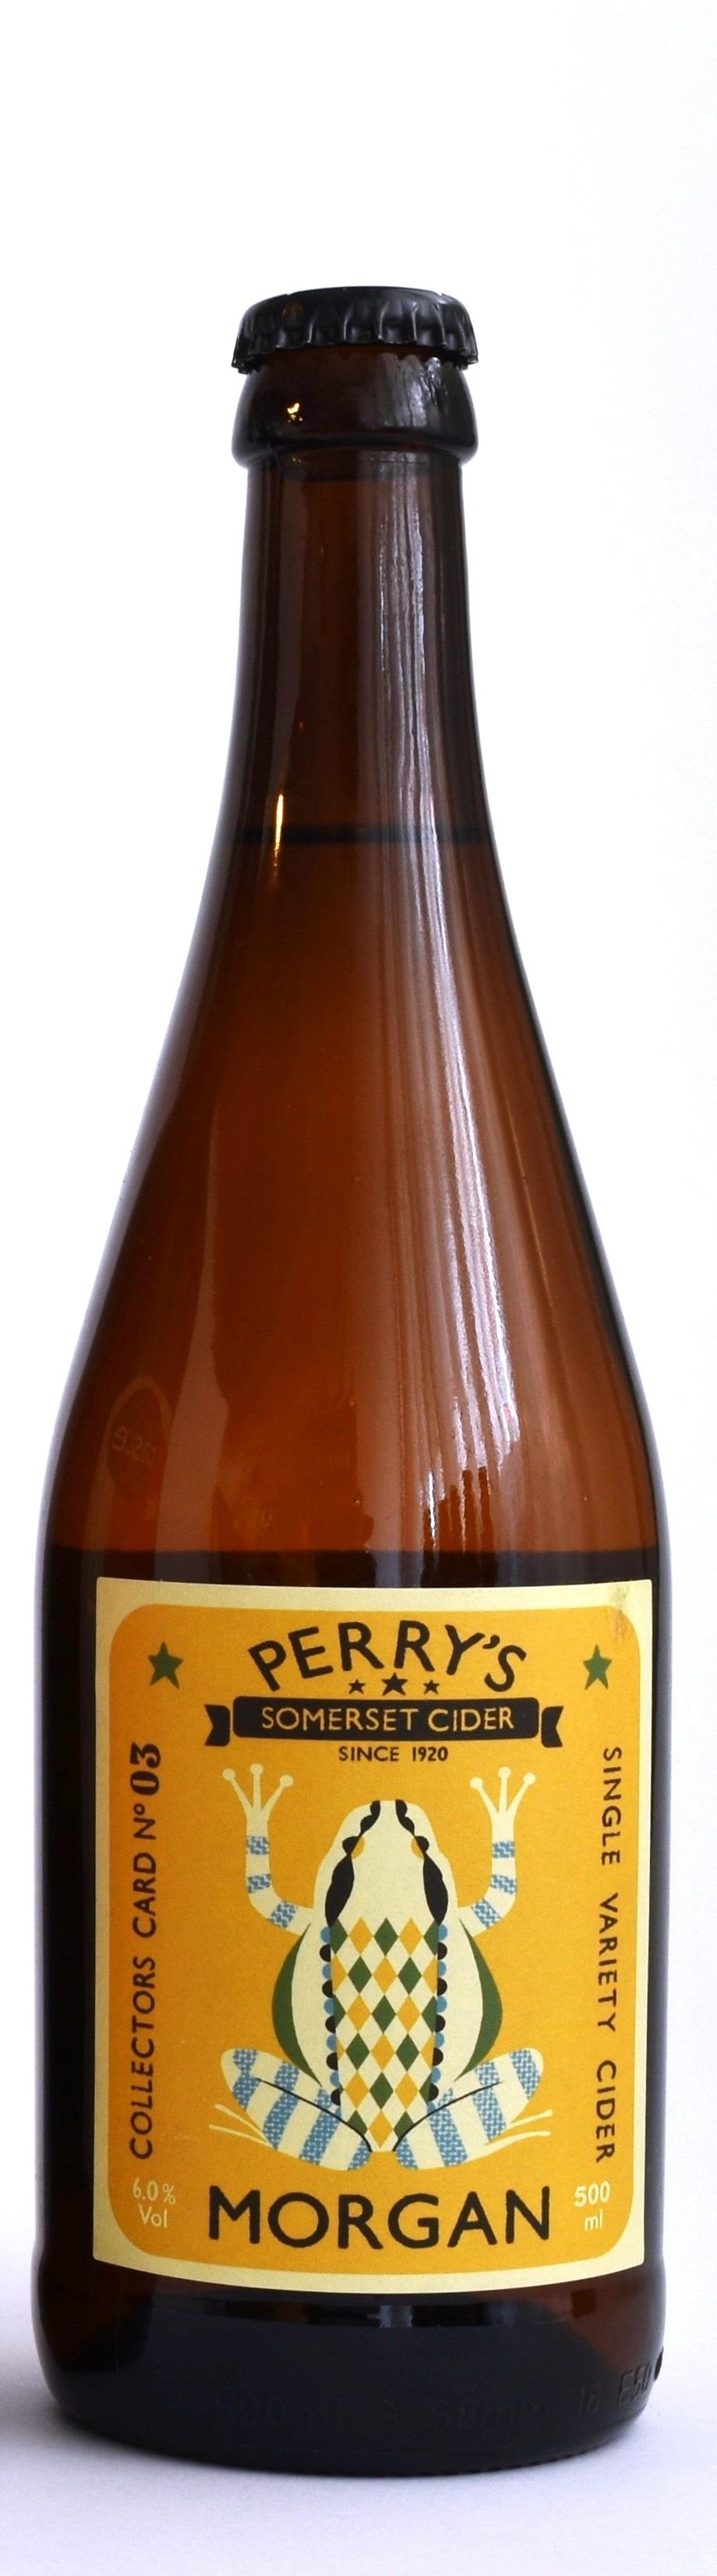 Perrys-Morgan-Sweet-500ml+.jpg